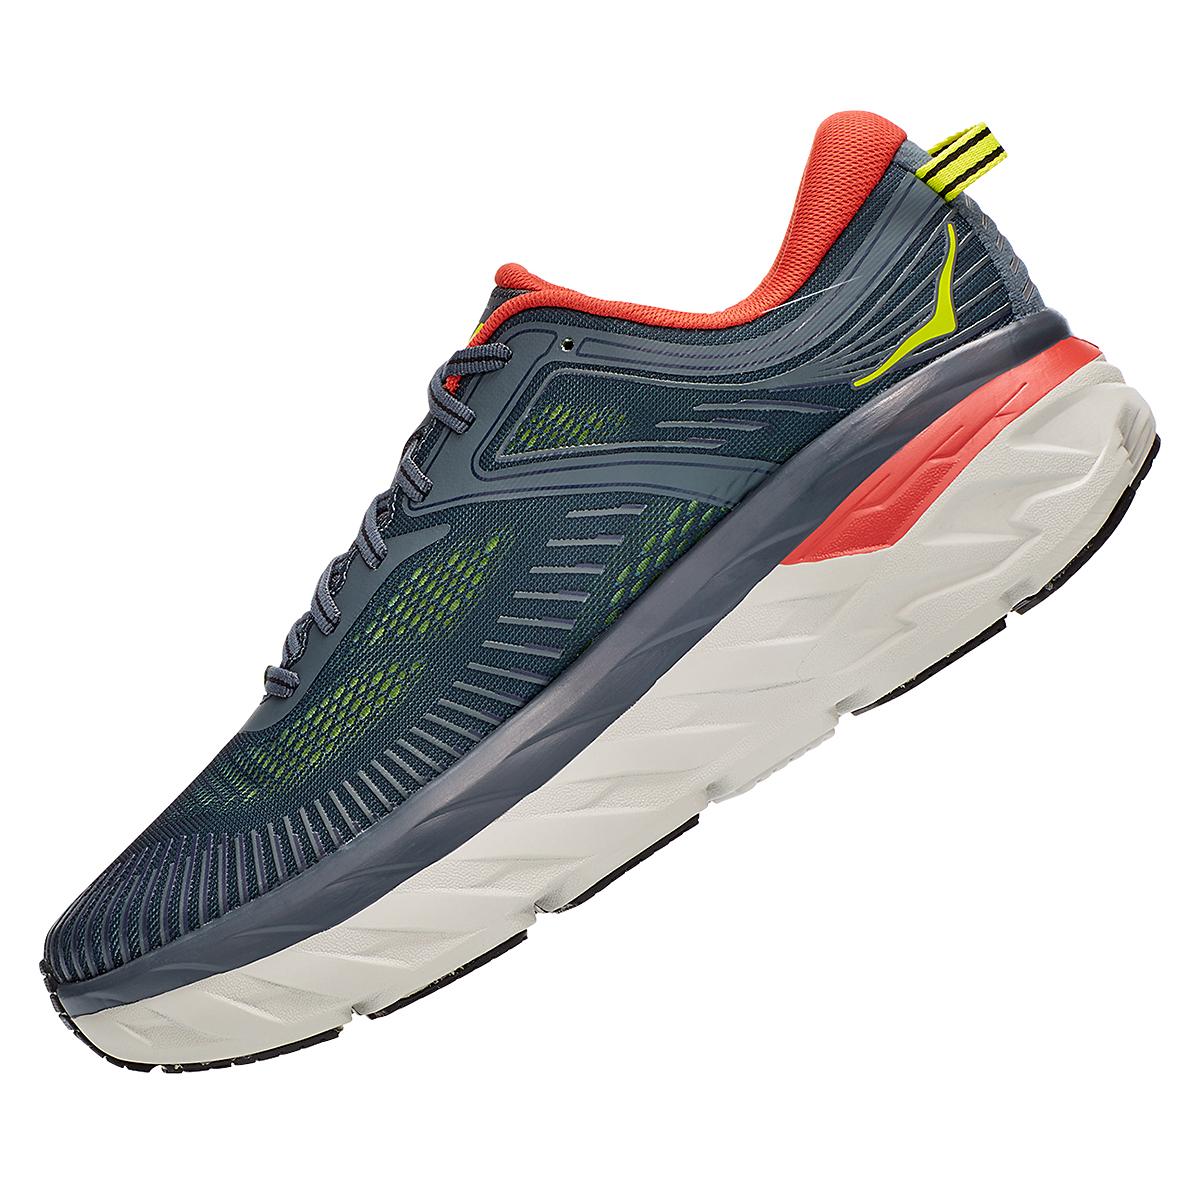 Men's Hoka One One Bondi 7 Running Shoe - Color: Turbulence/Chili - Size: 8 - Width: Regular, Turbulence/Chili, large, image 6